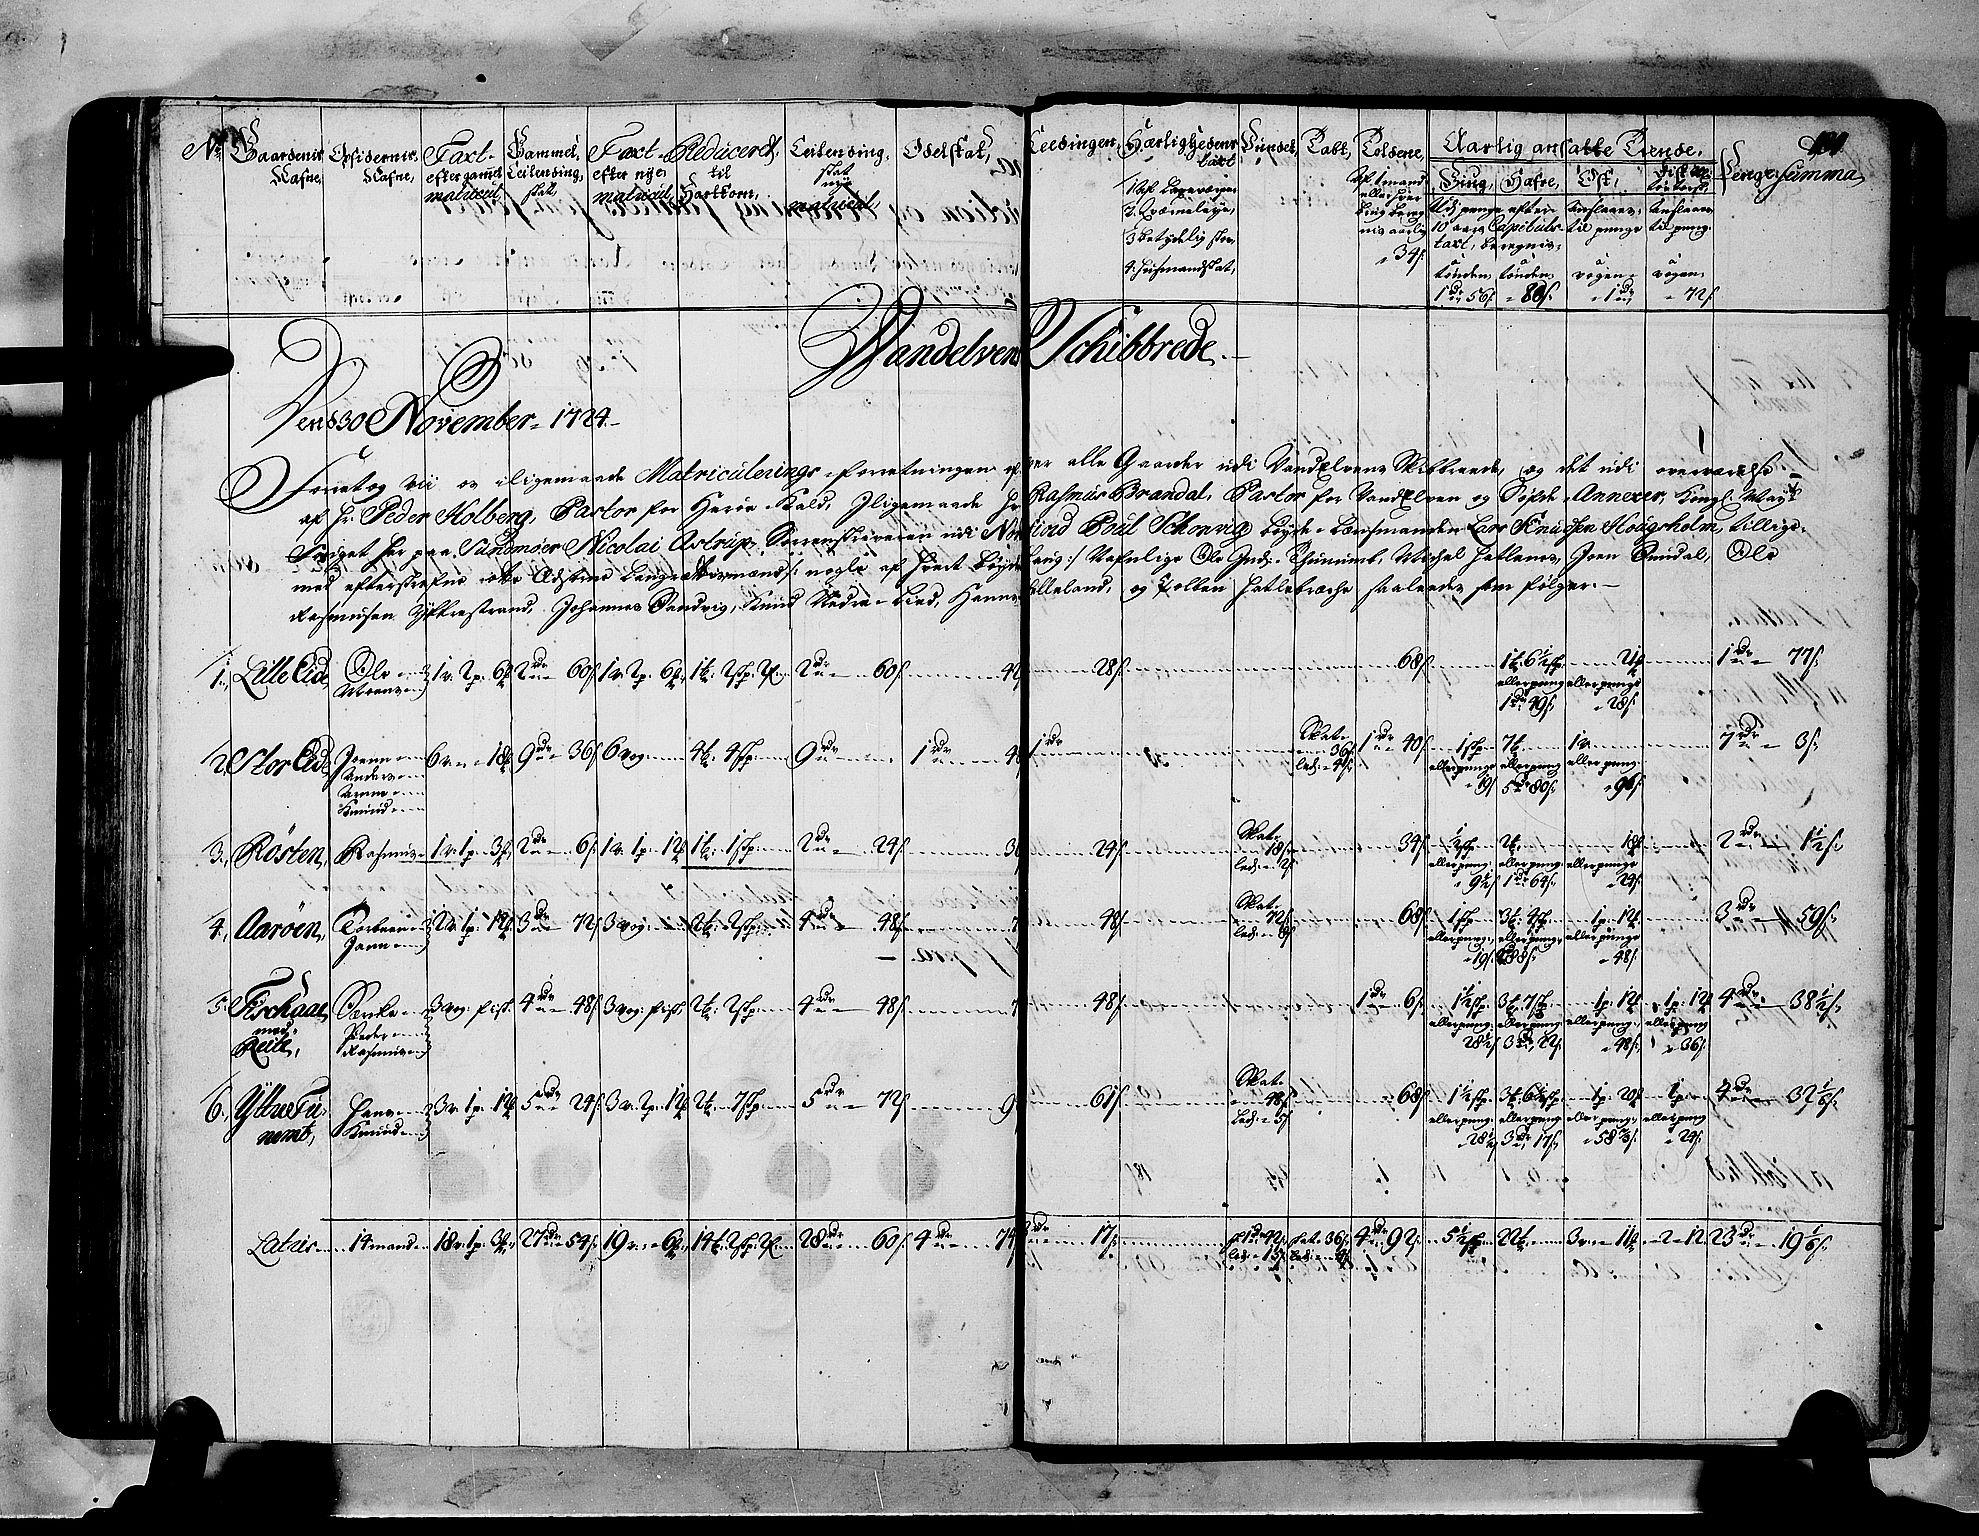 RA, Rentekammeret inntil 1814, Realistisk ordnet avdeling, N/Nb/Nbf/L0151: Sunnmøre matrikkelprotokoll, 1724, s. 183b-184a